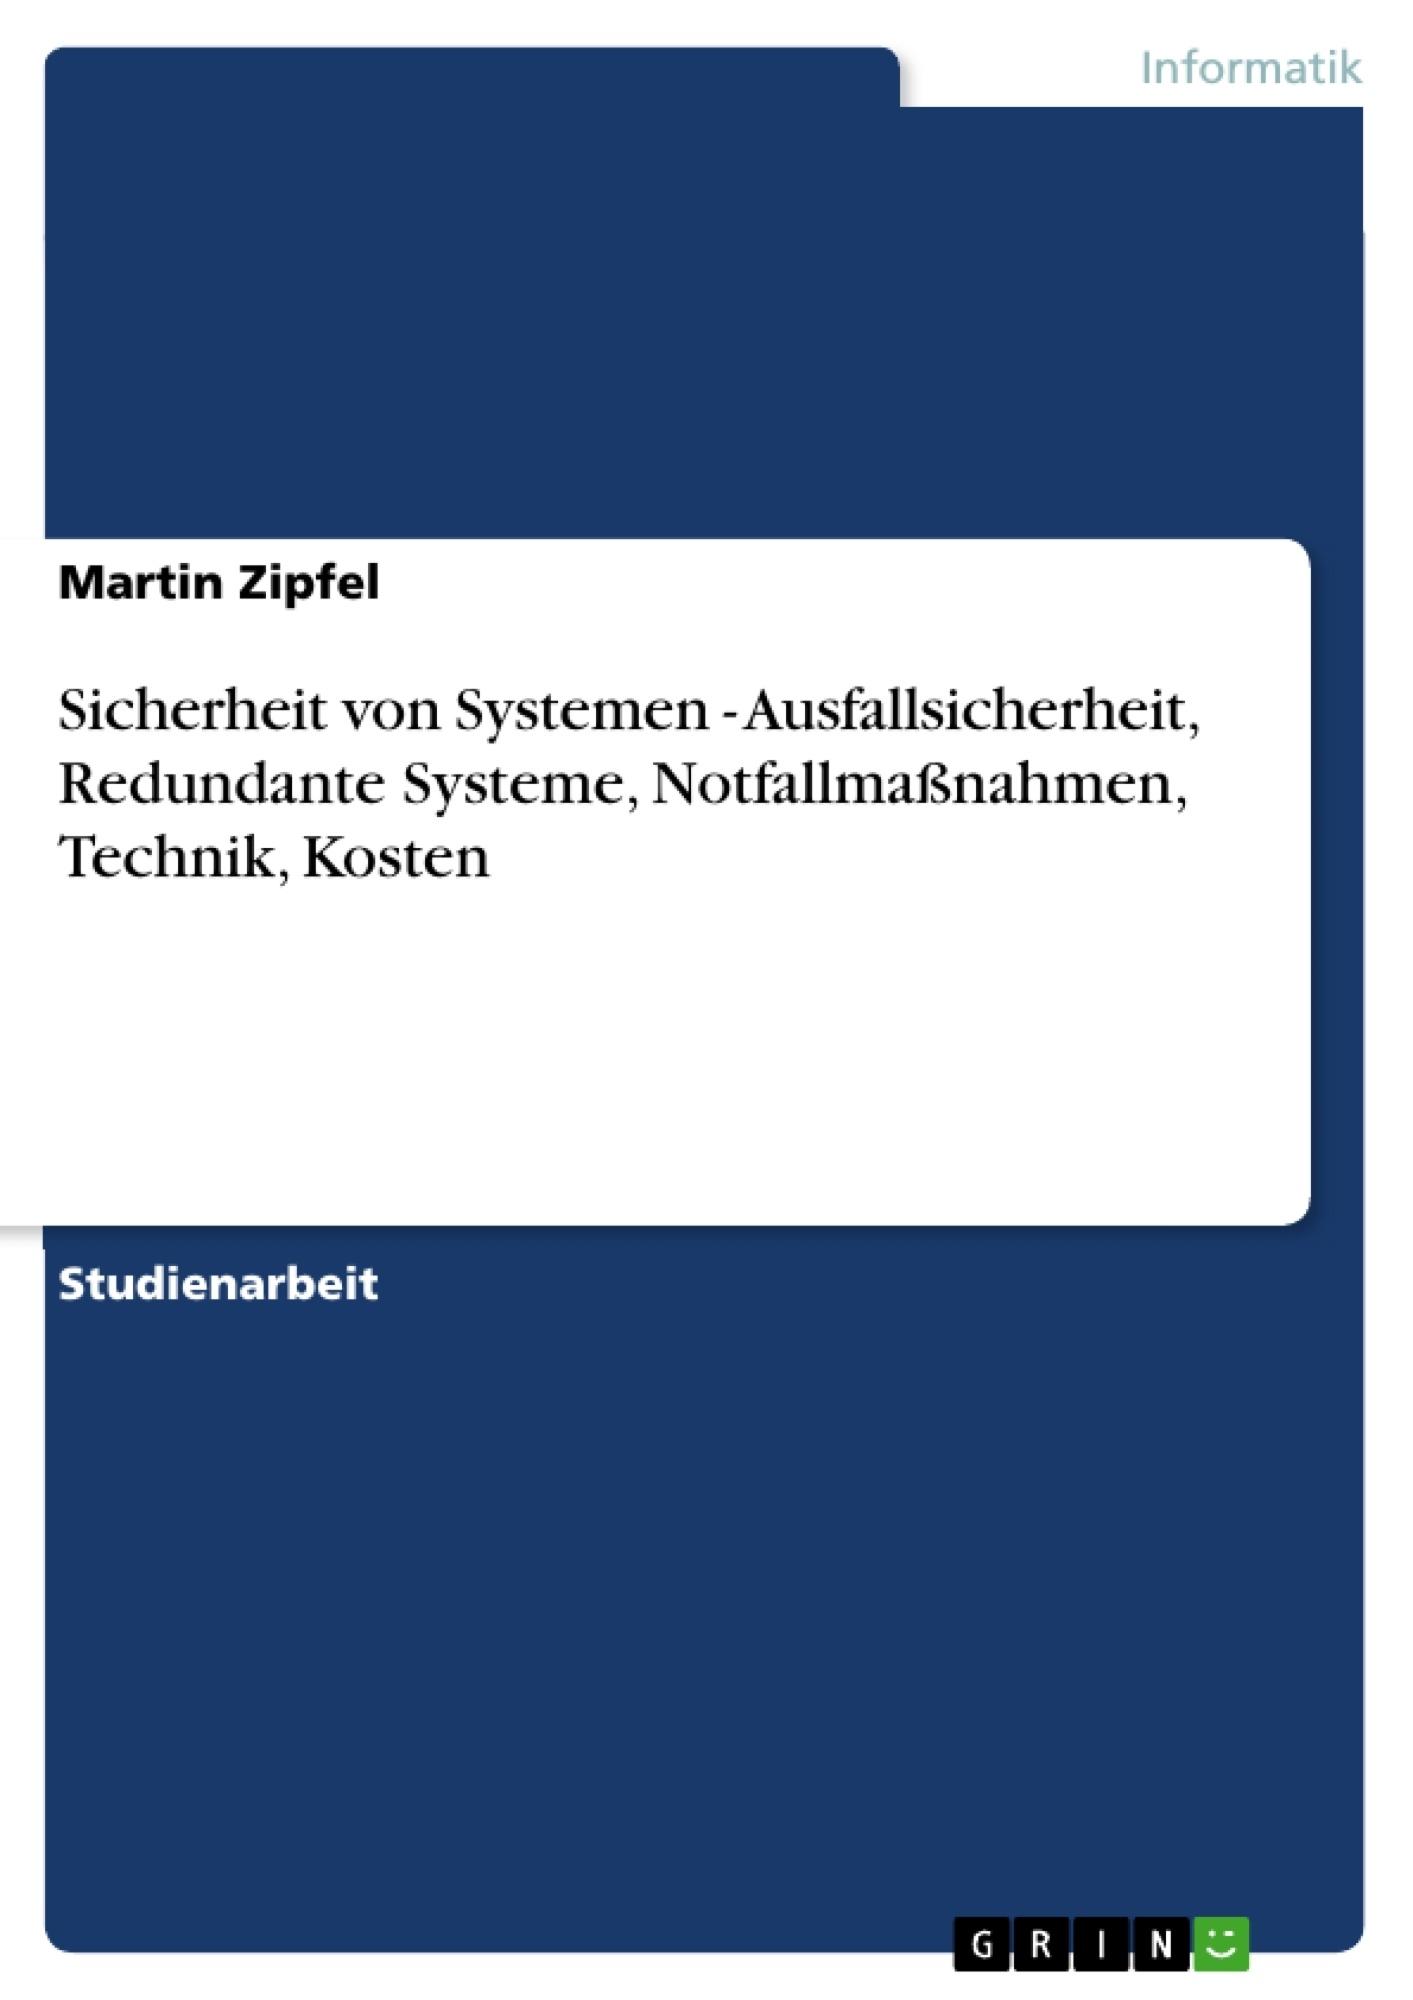 Titel: Sicherheit von Systemen - Ausfallsicherheit, Redundante Systeme, Notfallmaßnahmen, Technik, Kosten